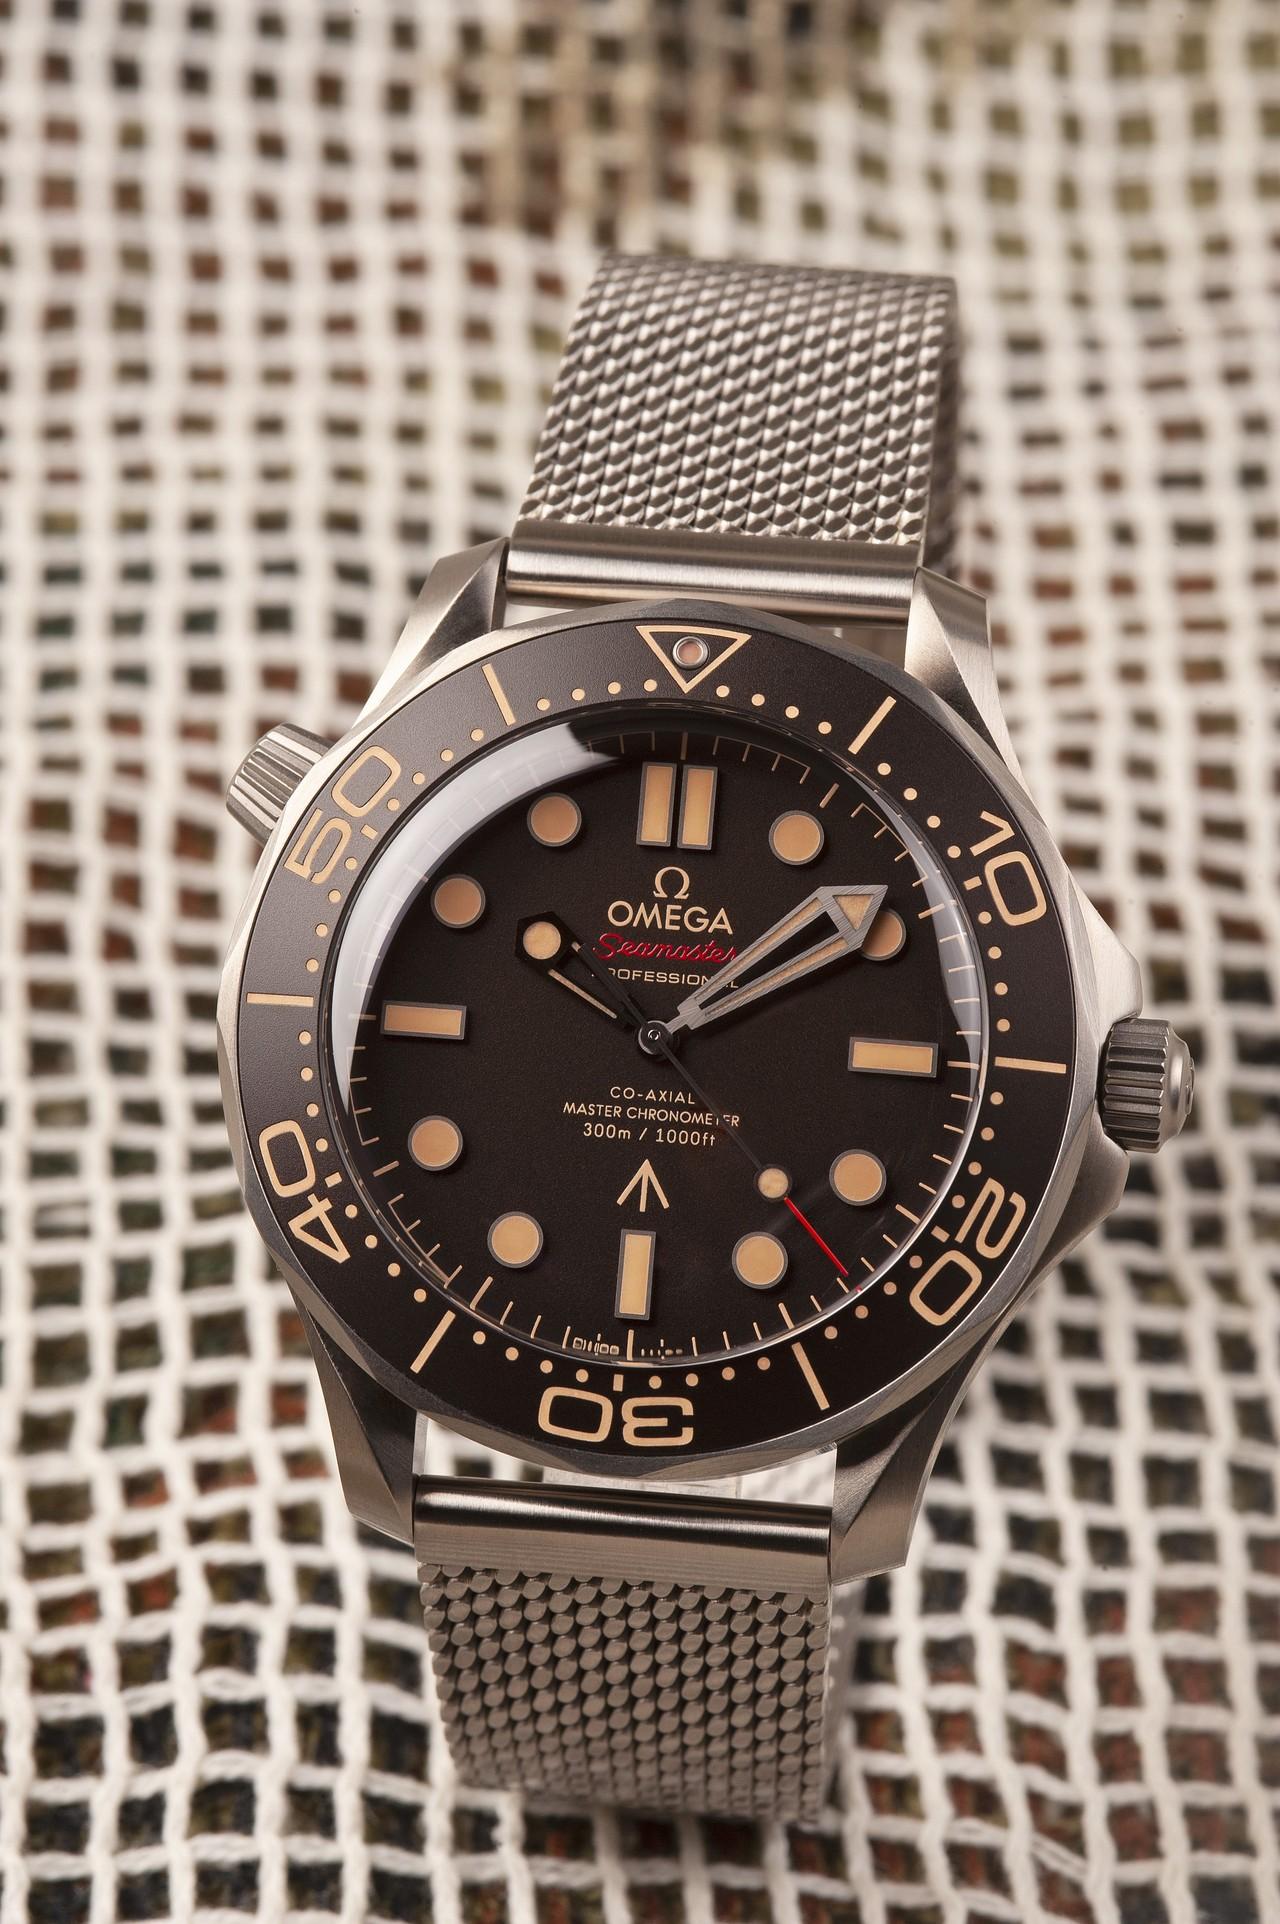 Omega Seamaster Diver 300M 007 Edition - ismerős, de mégis új / Fotó: Venicz Áron